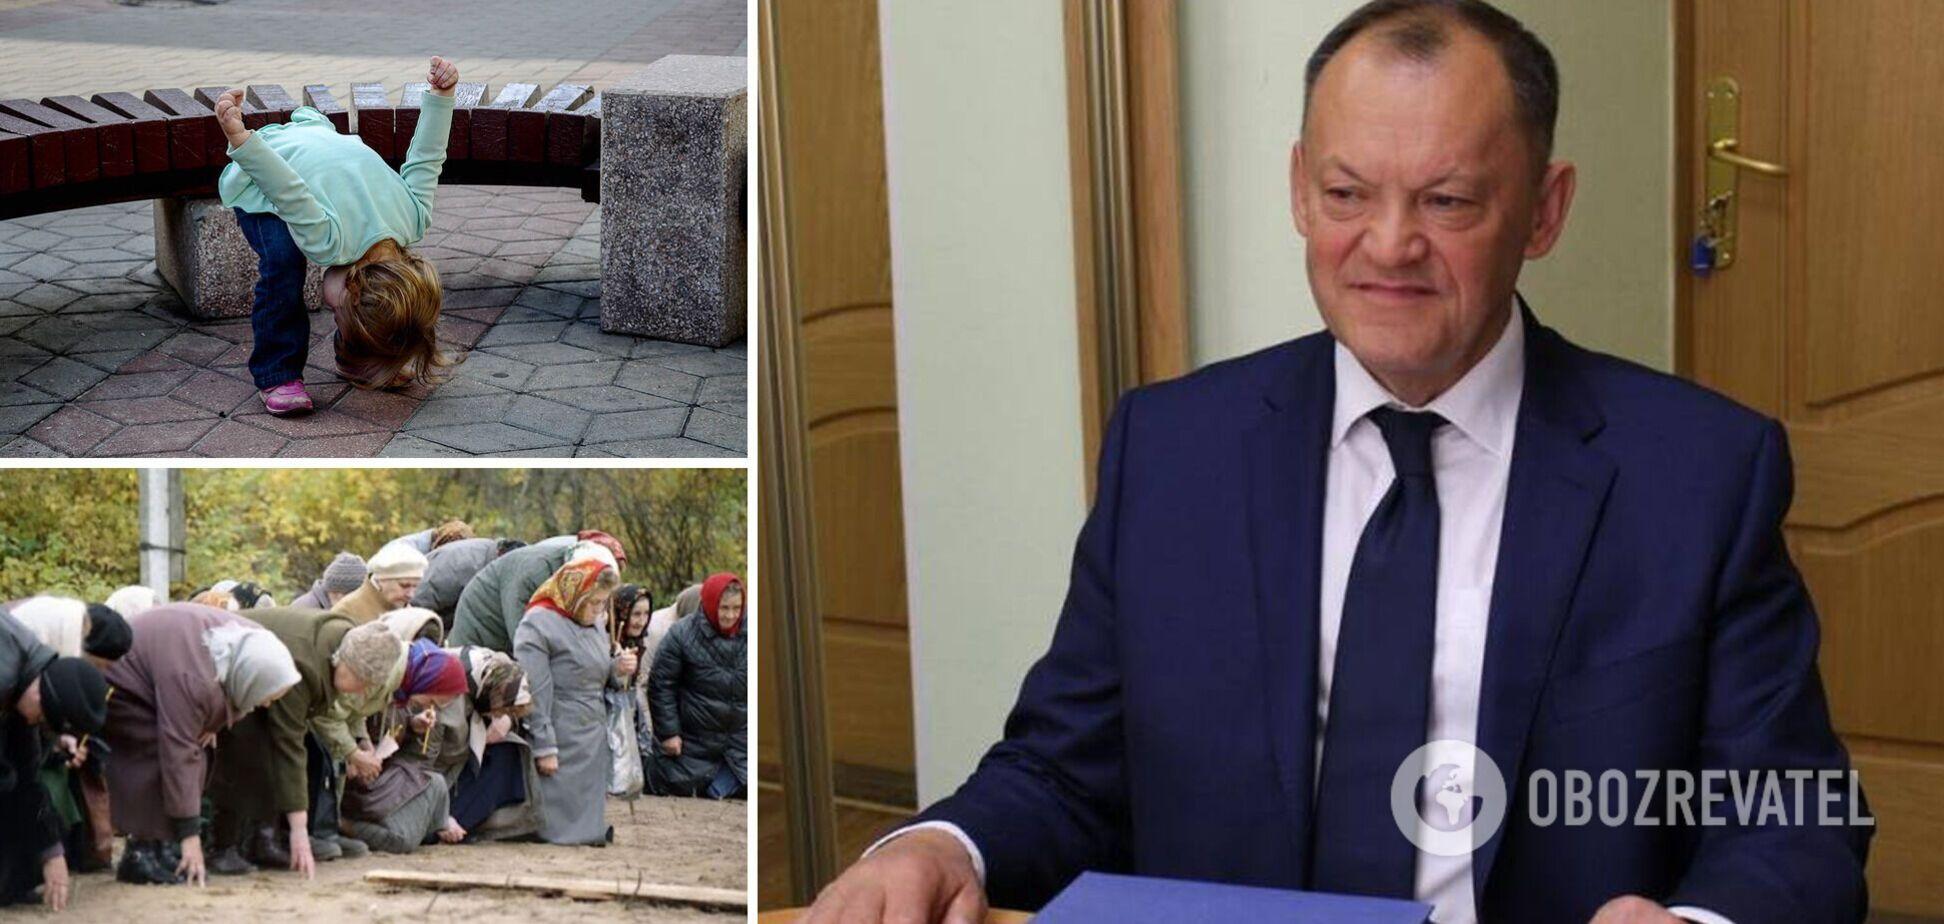 В РФ депутат призвал россиян кланяться чиновникам: они 'от Бога'. Видео